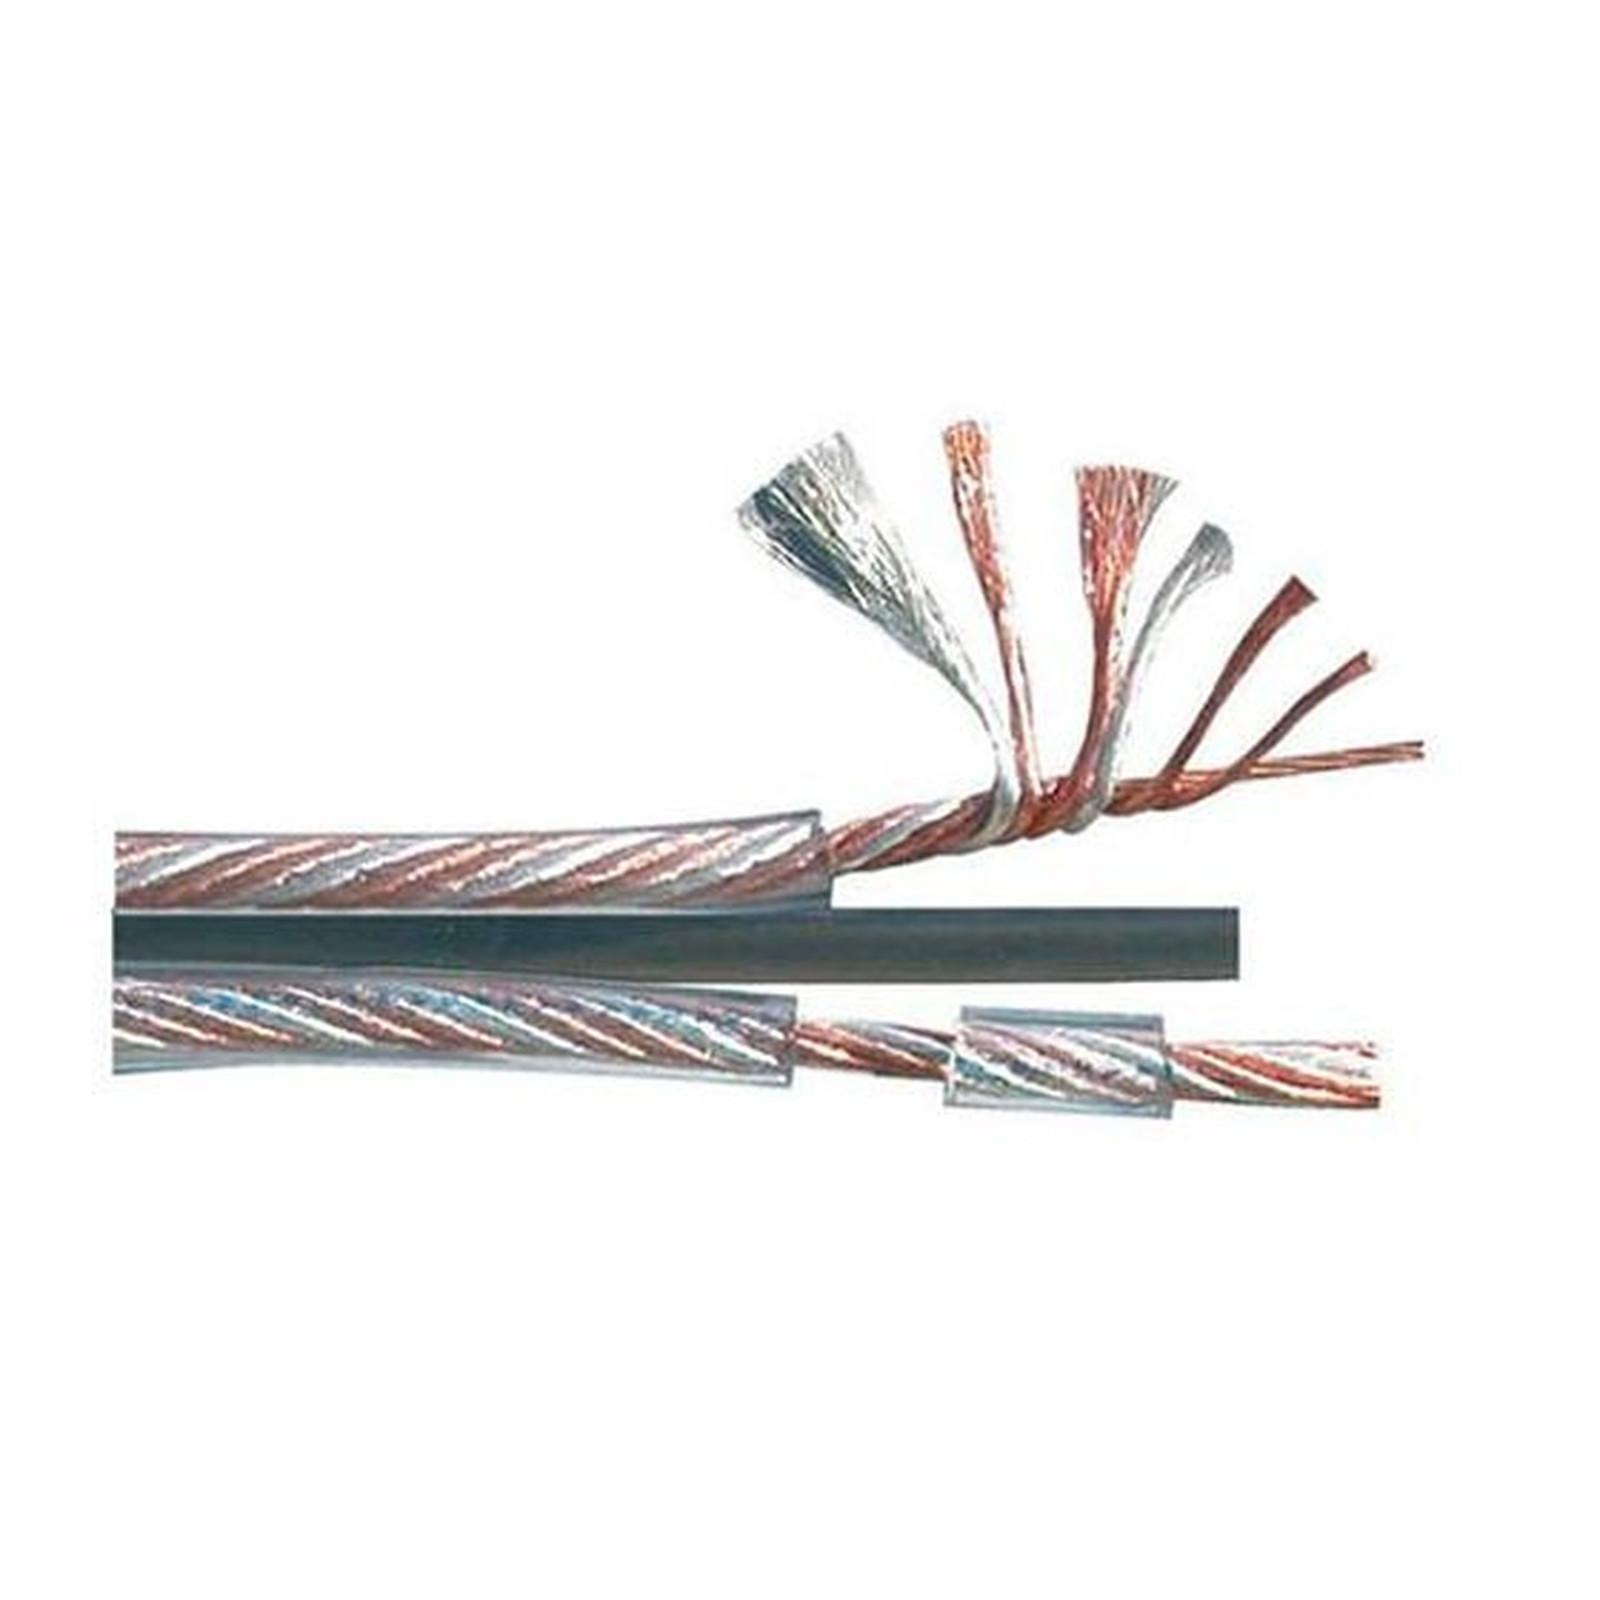 Real Cable Innovation - Câble haut-parleur 1,5 mm² - 20 m